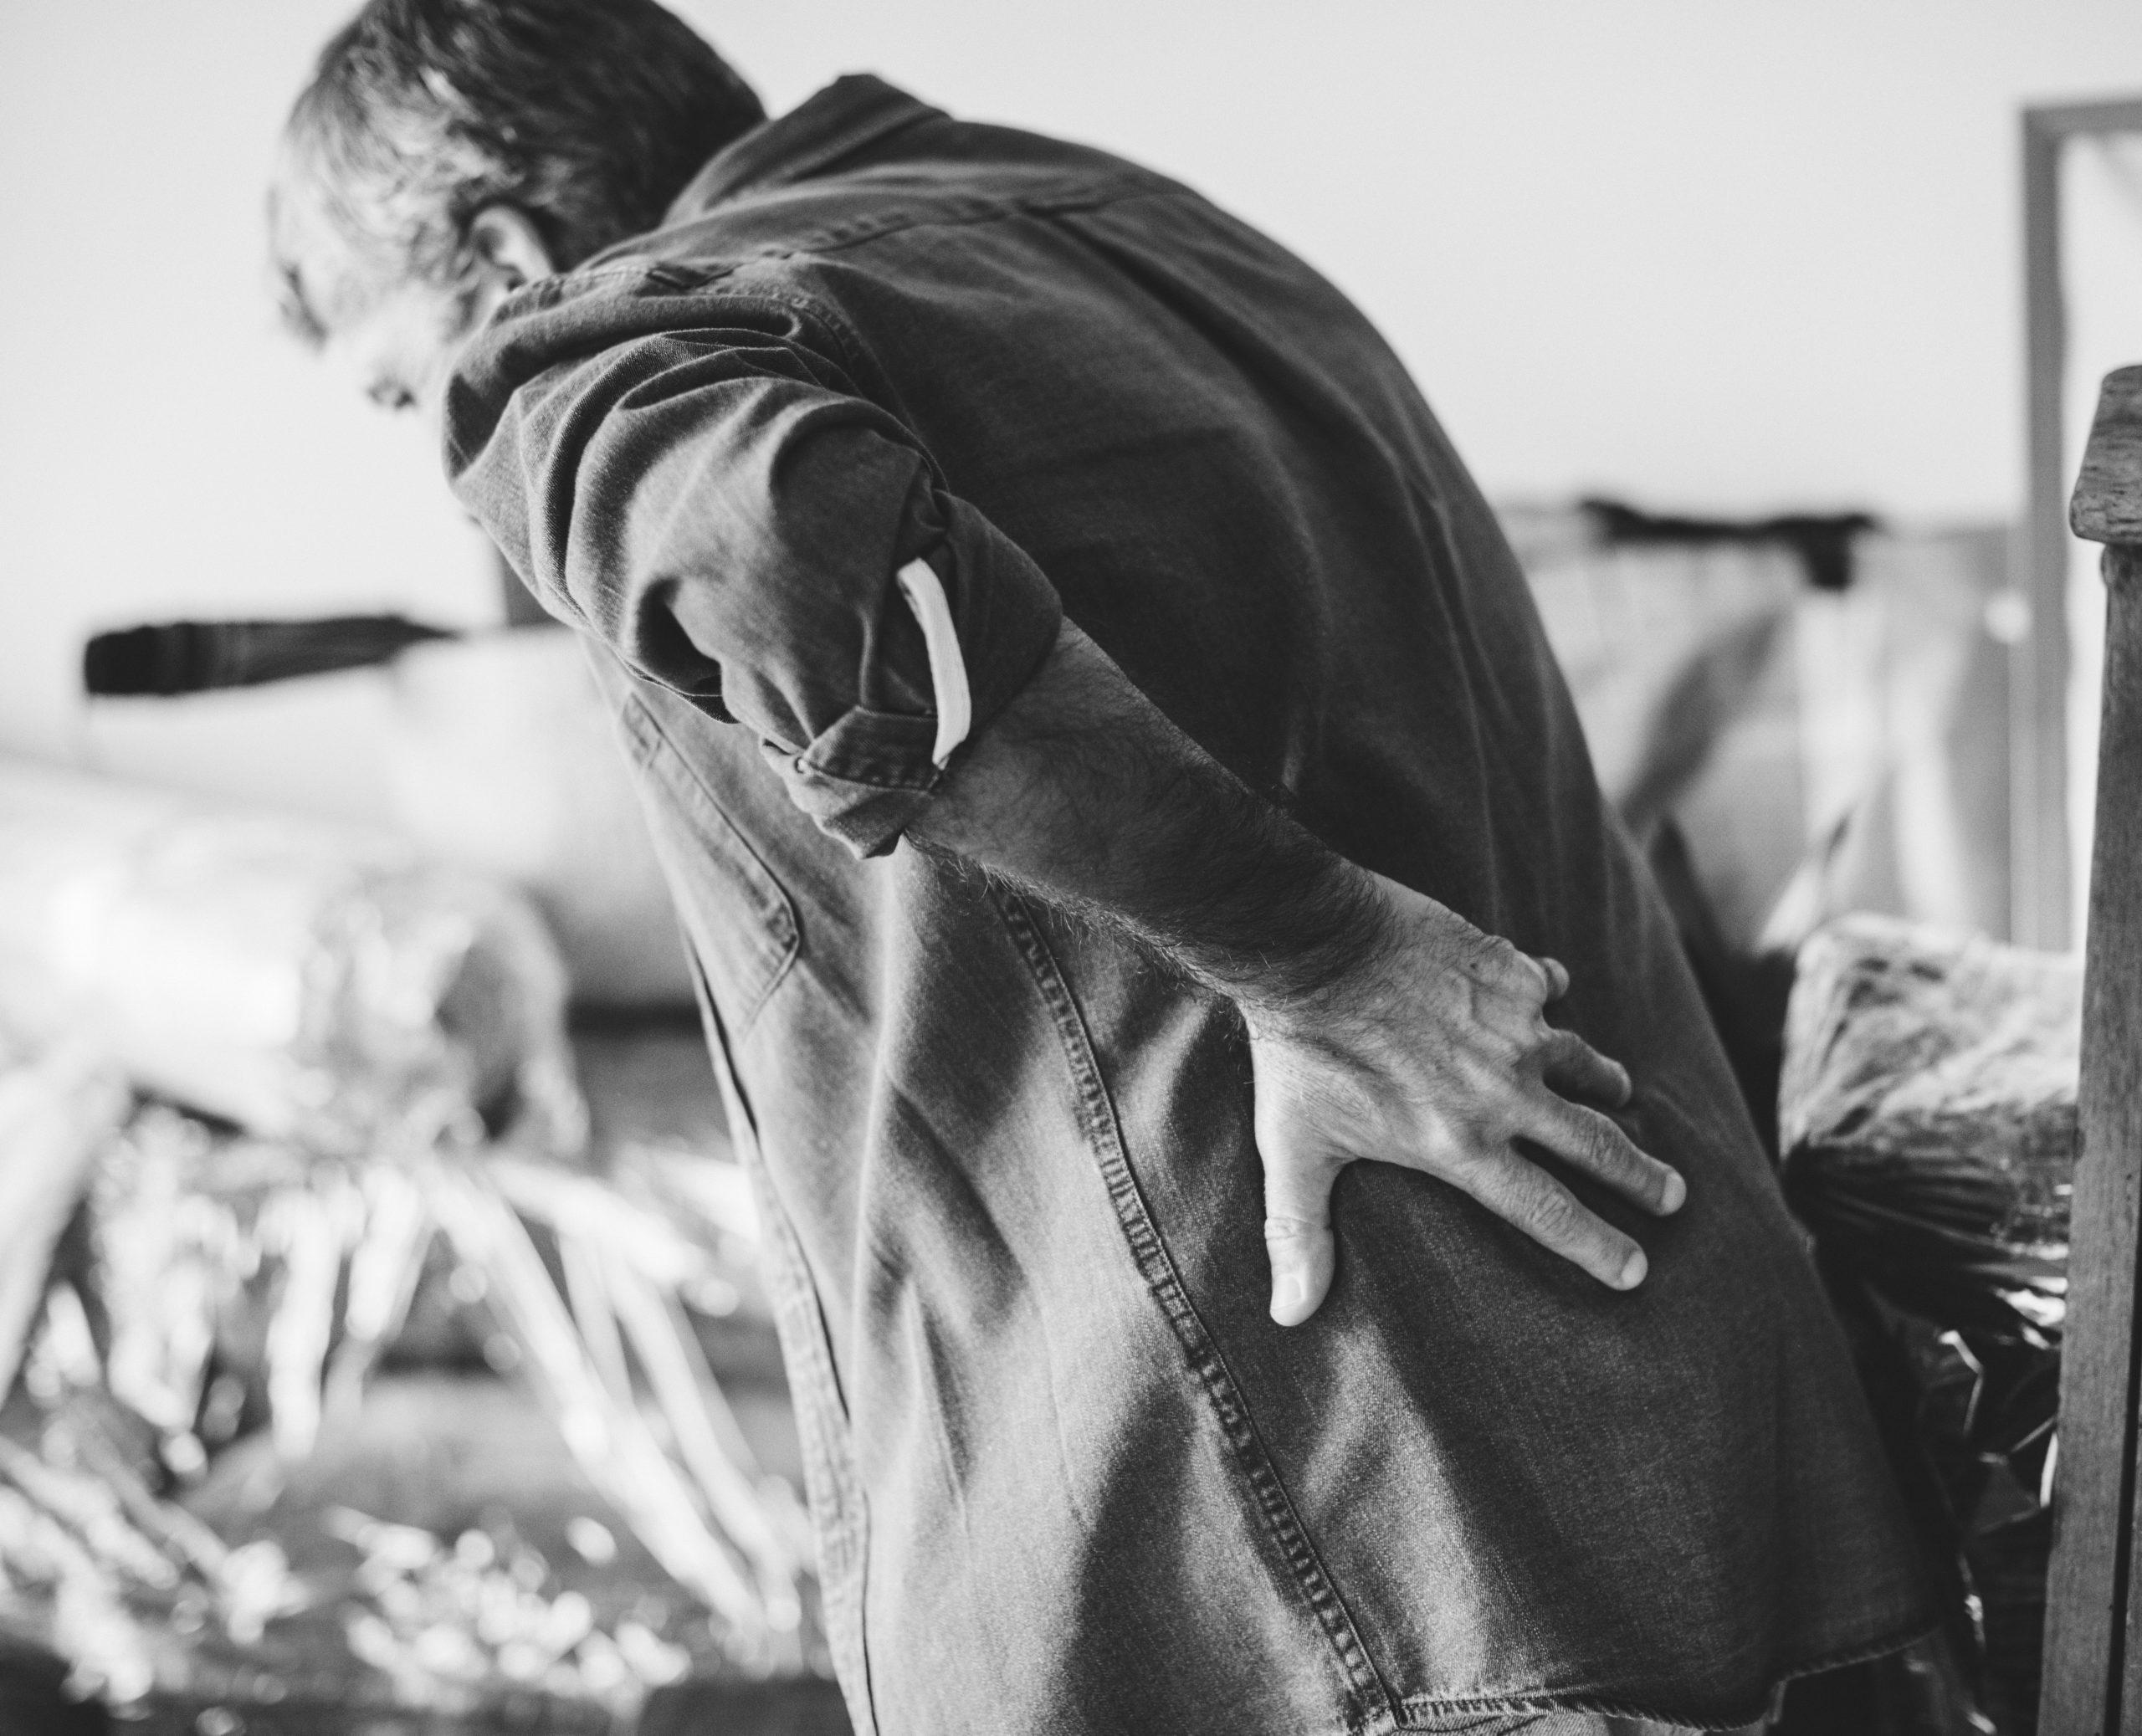 Odszkodowanie/zadośćuczynienie  za złamany kręgosłup